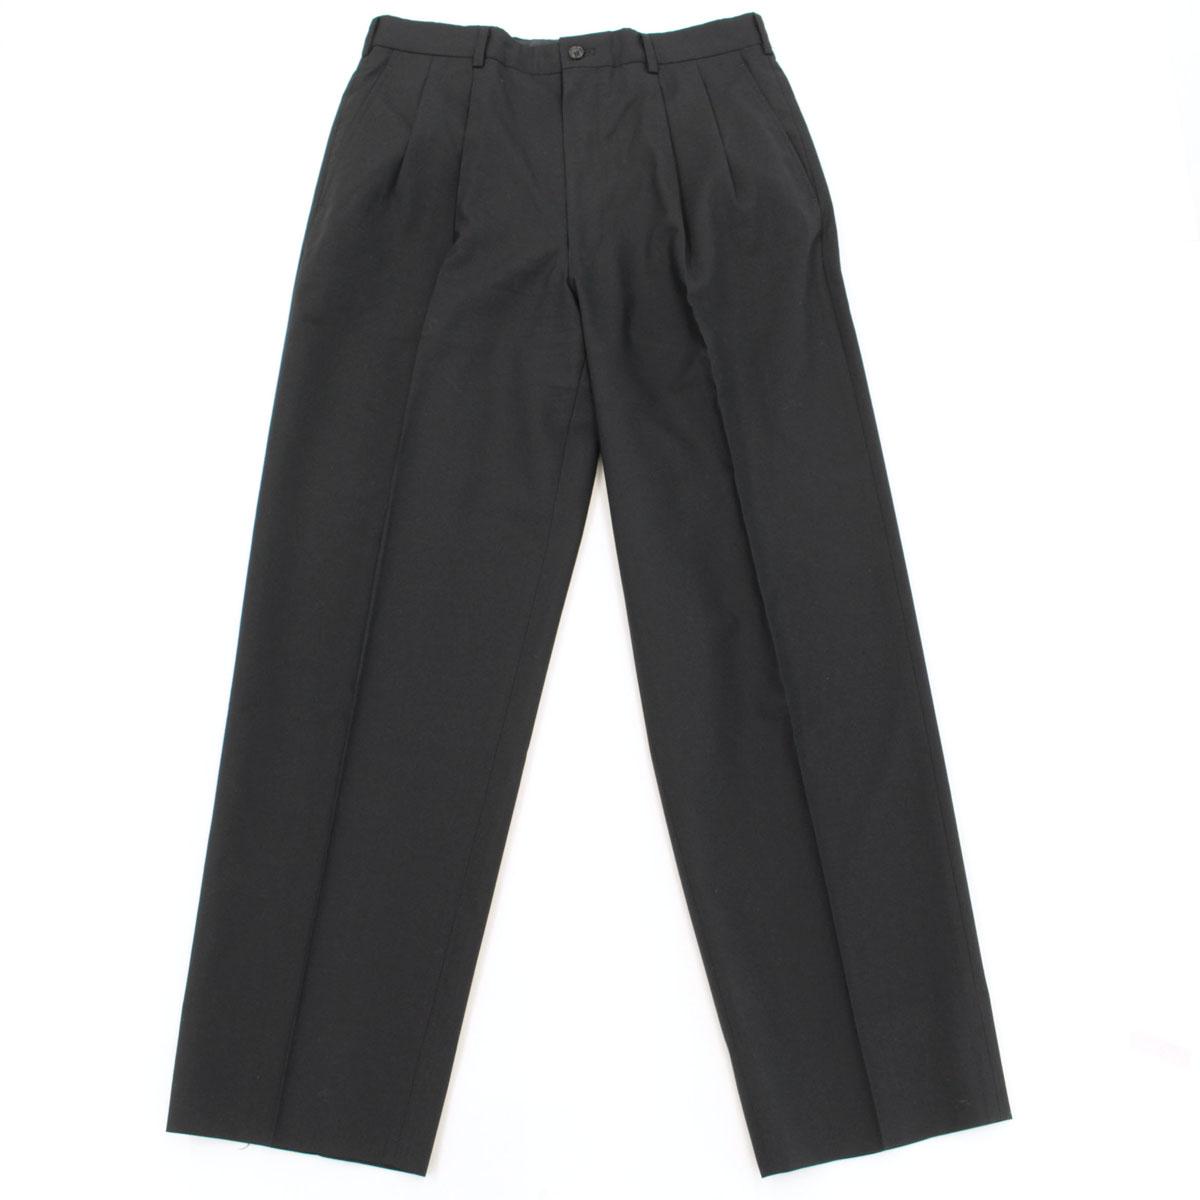 コムデギャルソン オムドゥ シングル3Bジャケット パンツスーツ Lサイズ AD2001black 黒 ブラック ウール100日本製 25105 NI0419CedorxBW